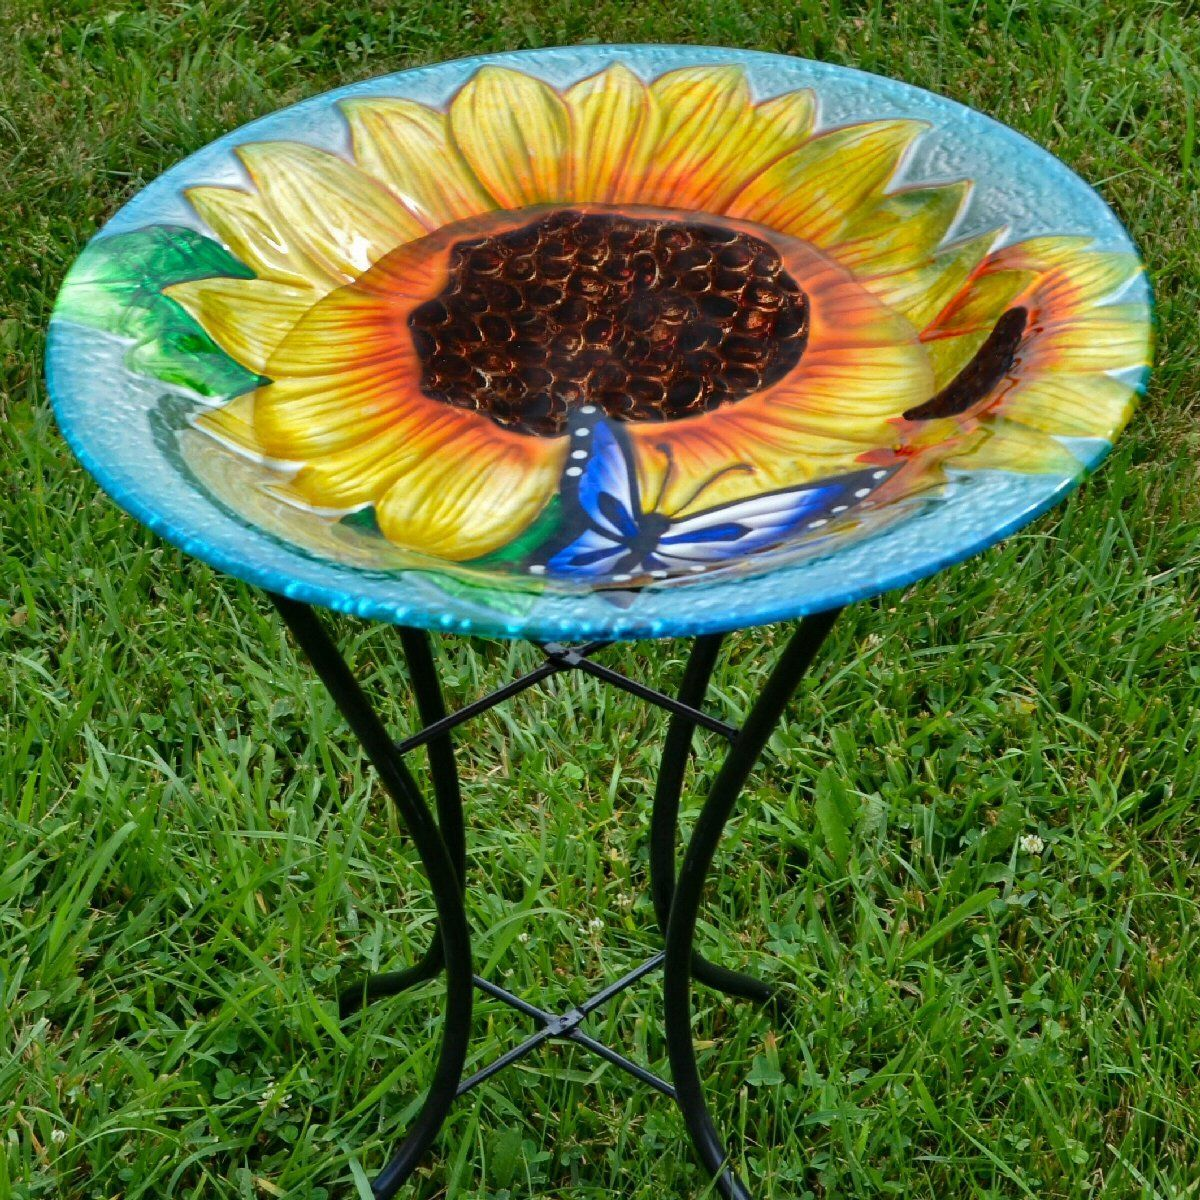 Sunflowers Glass Bird Bath W Stand Bath Bird Glass Sunflowers Wstand In 2020 Bird Bath Glass Bird Bath Glass Birds